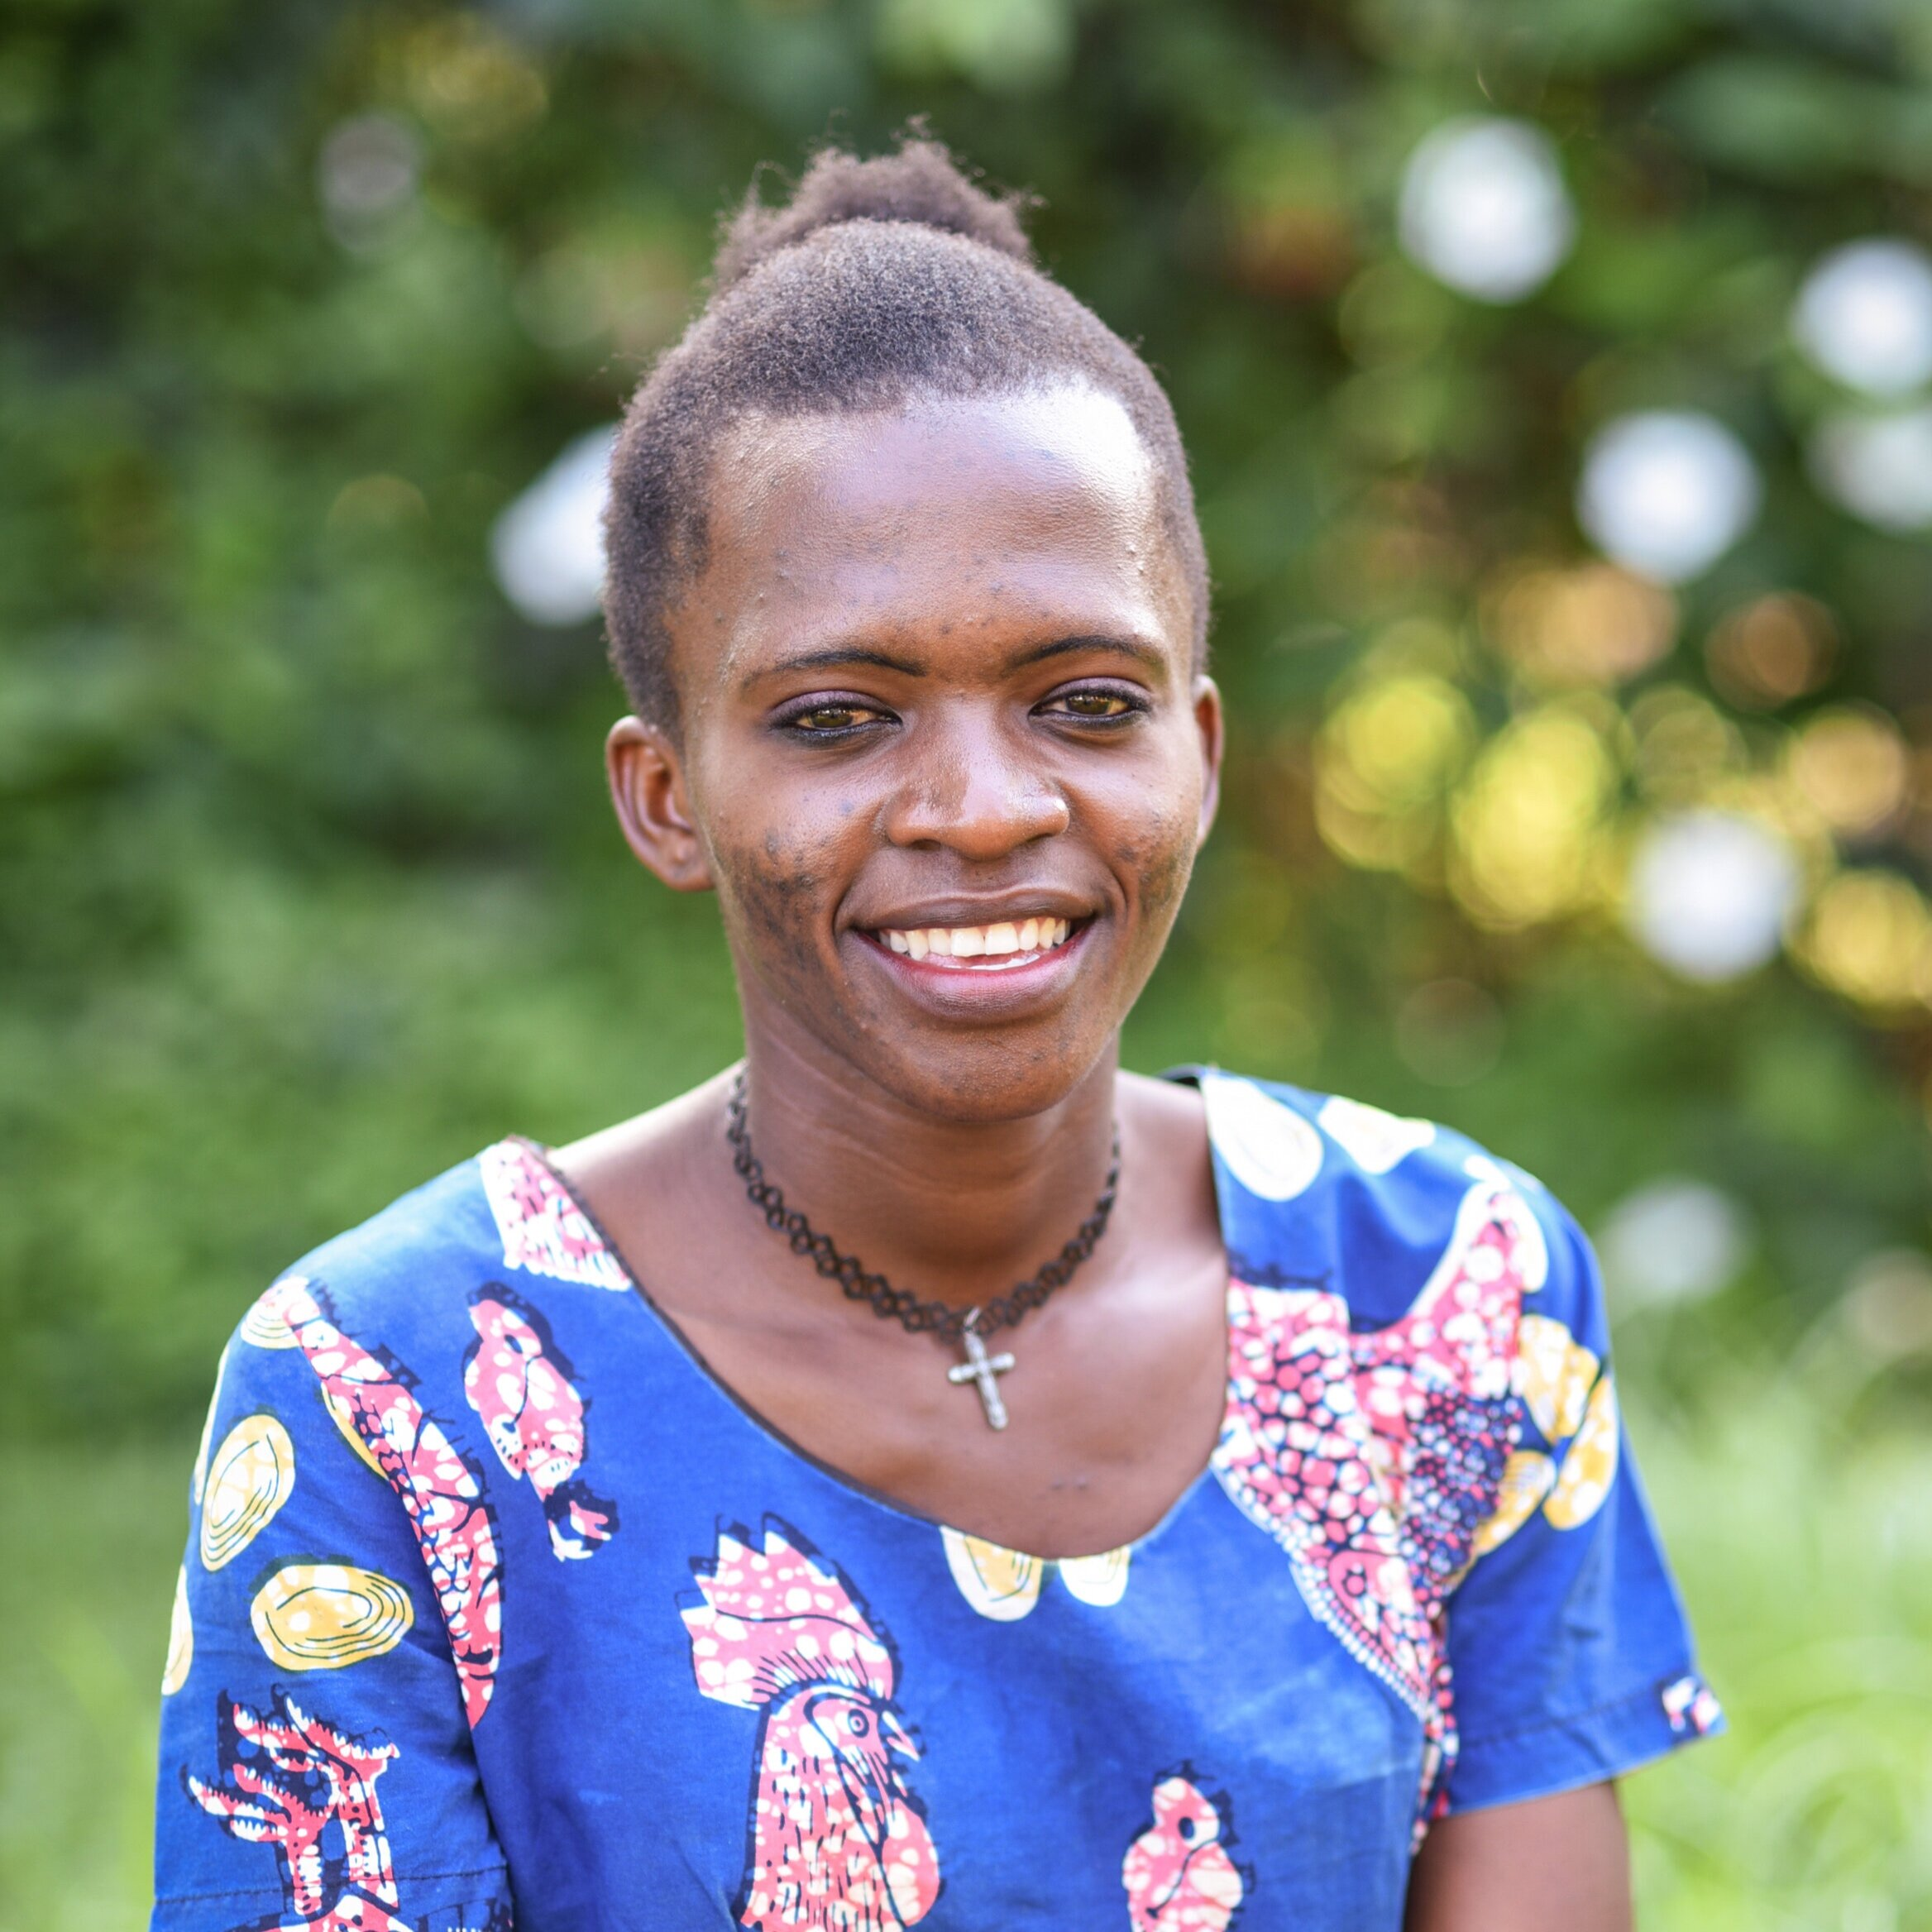 Faith - Preschool Nutrition Assistant